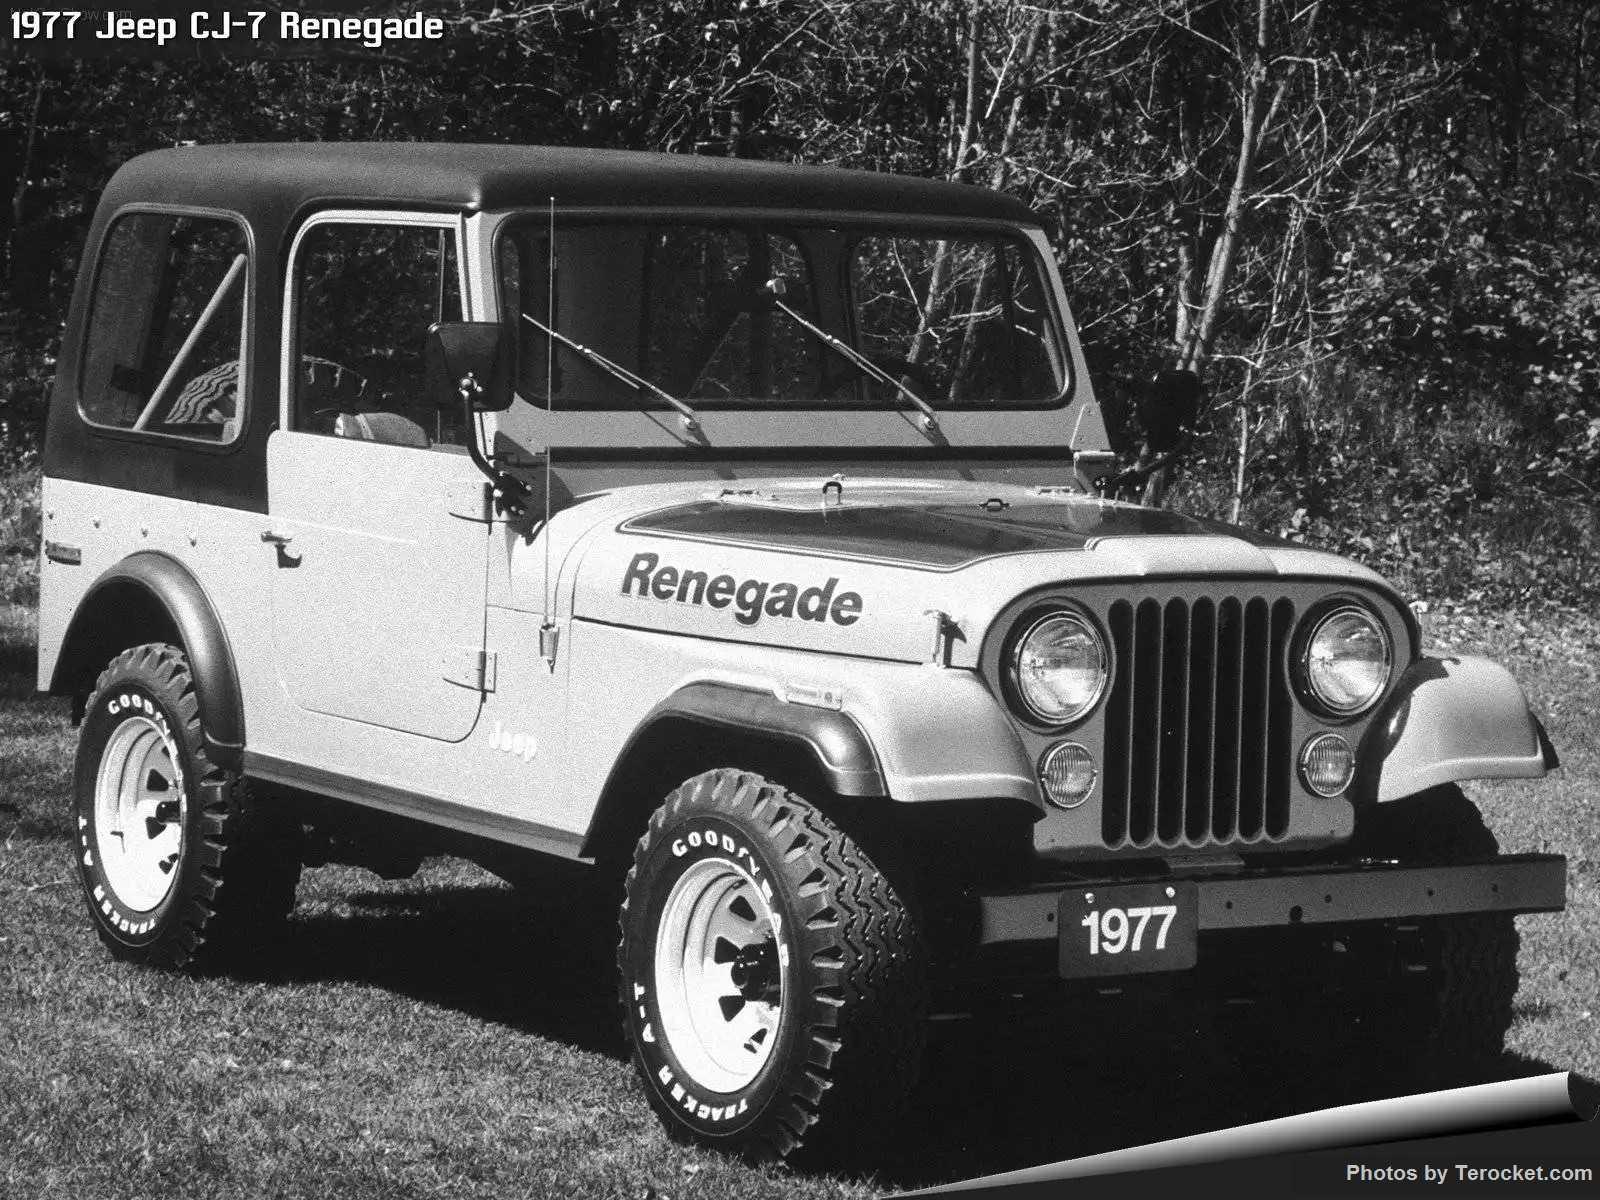 Hình ảnh xe ô tô Jeep CJ-7 Renegade 1977 & nội ngoại thất